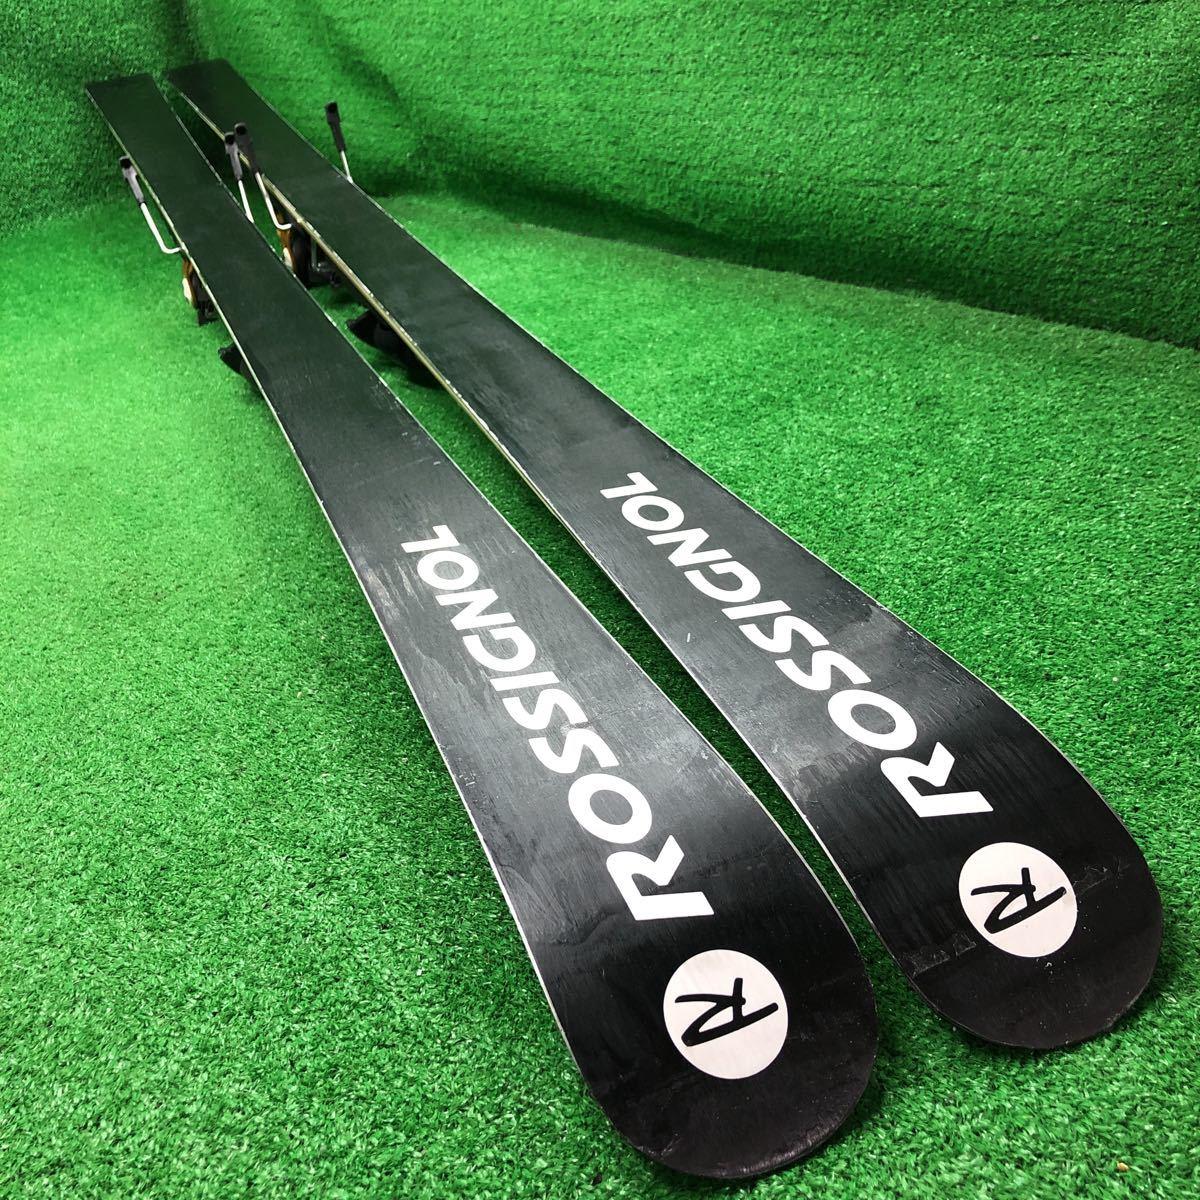 SKI-416 ロシニョール(Rossignal) Radical X 175cm 全国送料一律で1円スタート売り切り!春休みに是非!_画像9